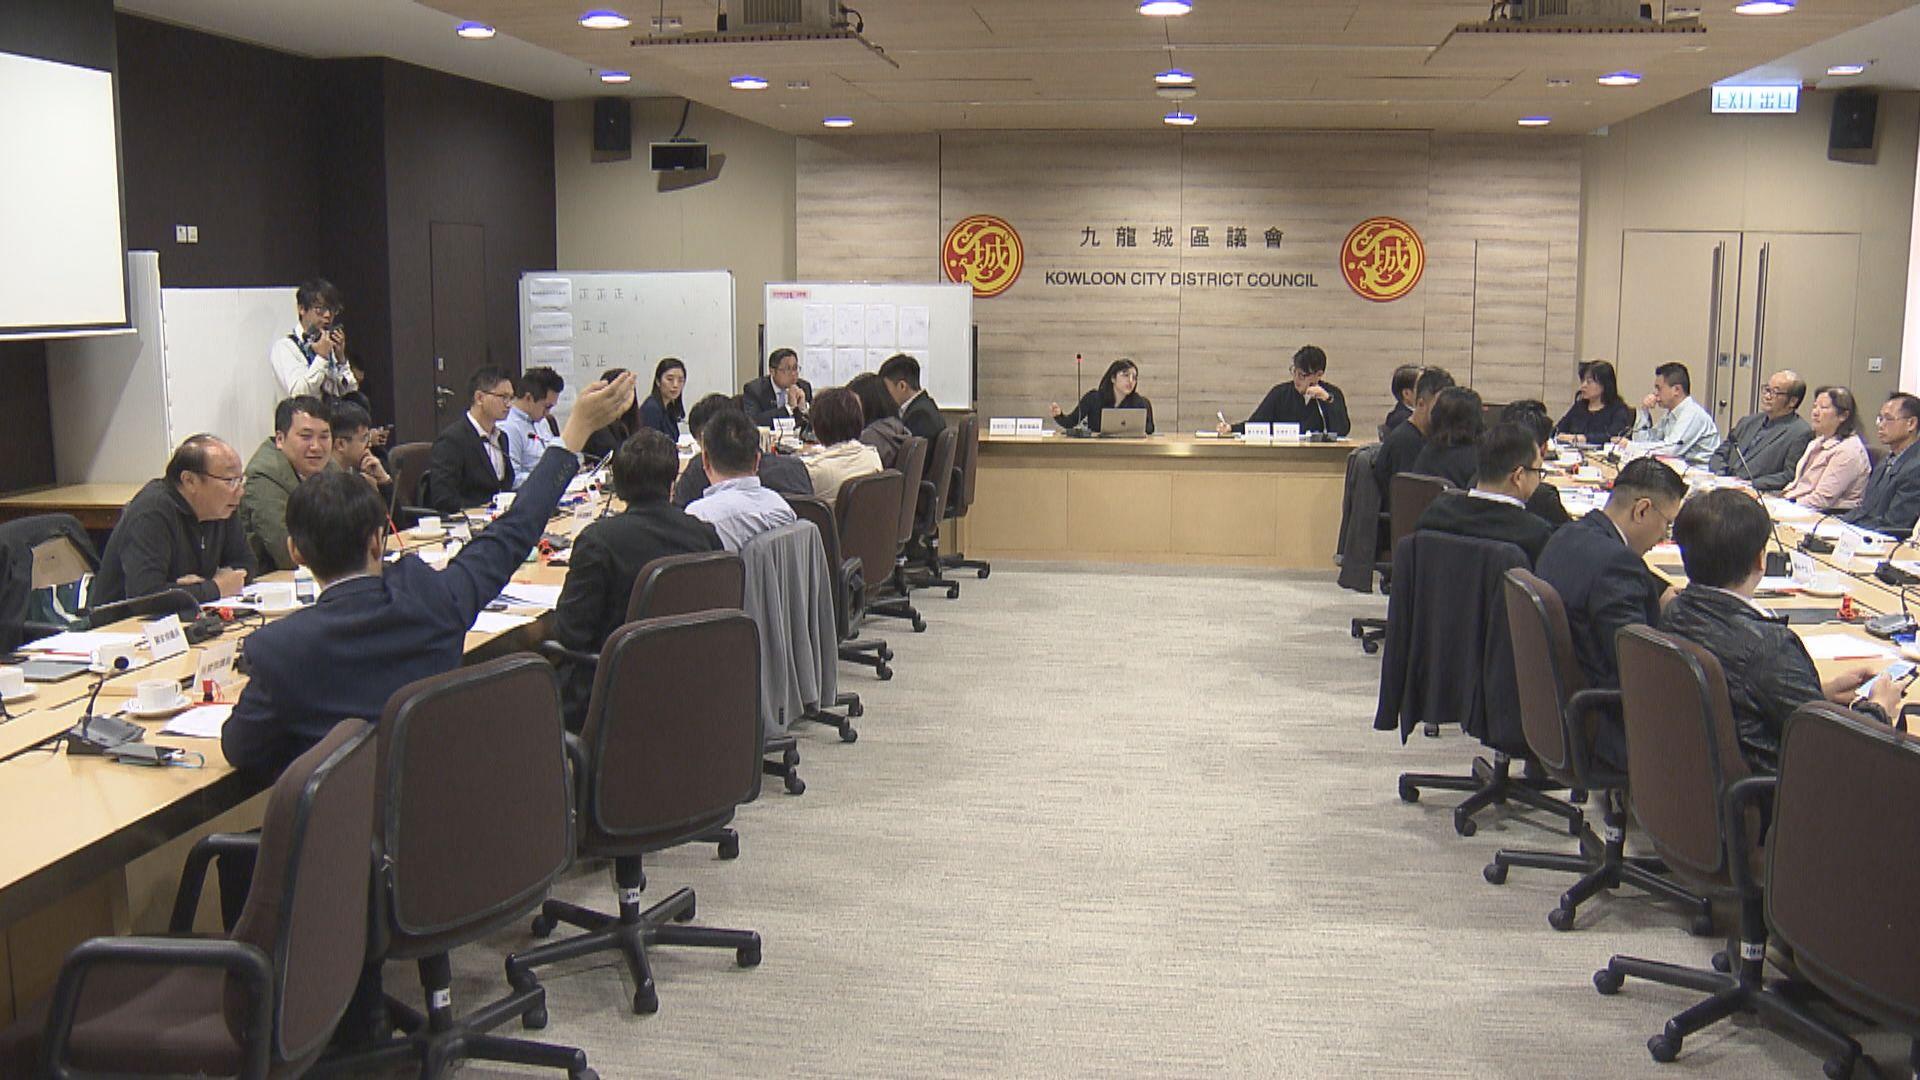 建制區議員發聲明譴責17區區議會討論港區國安法